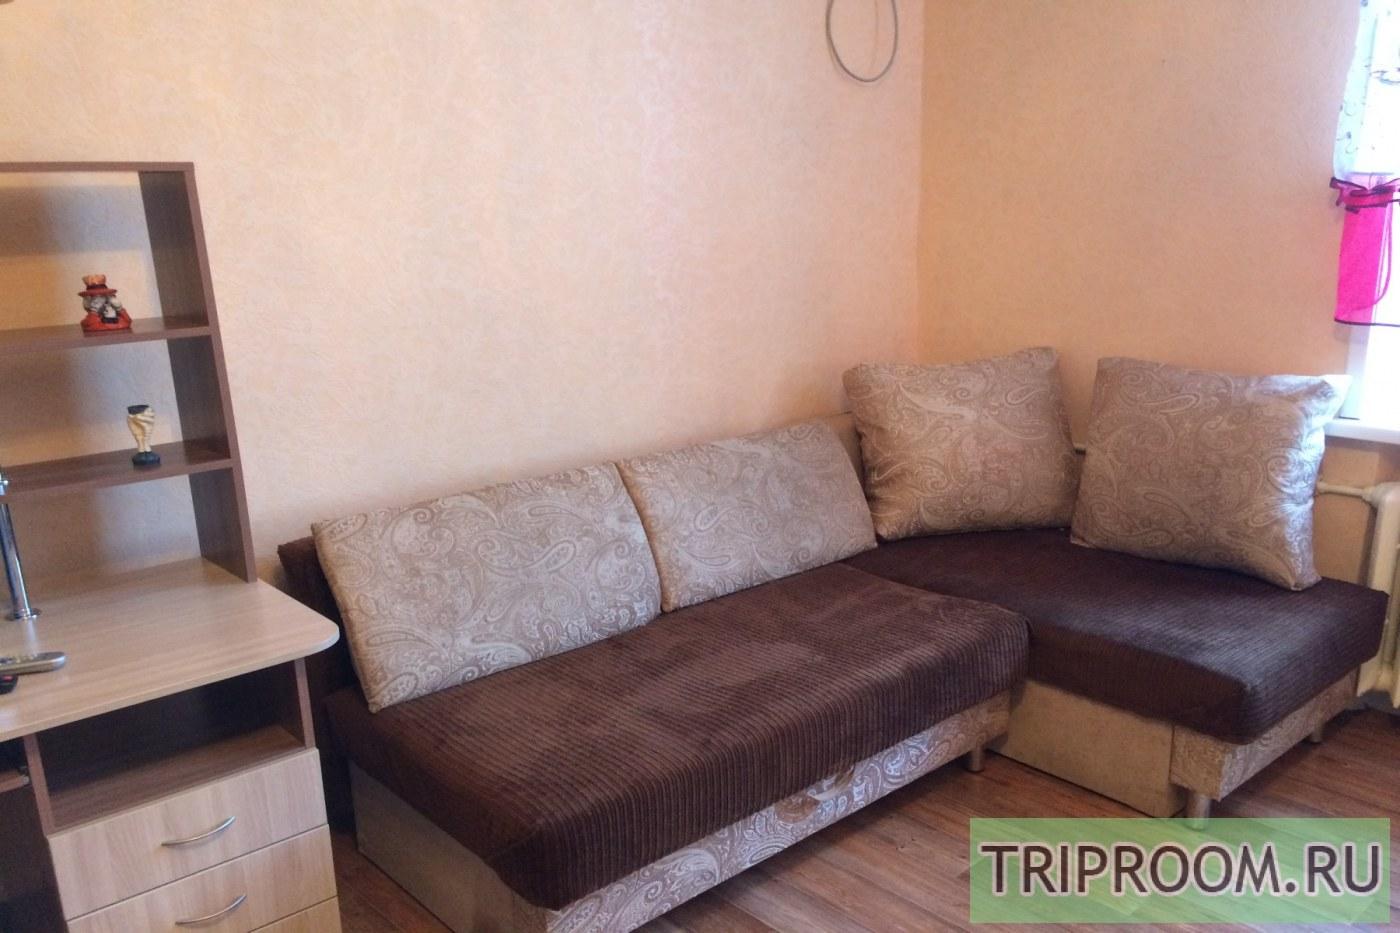 1-комнатная квартира посуточно (вариант № 37885), ул. Советская улица, фото № 3